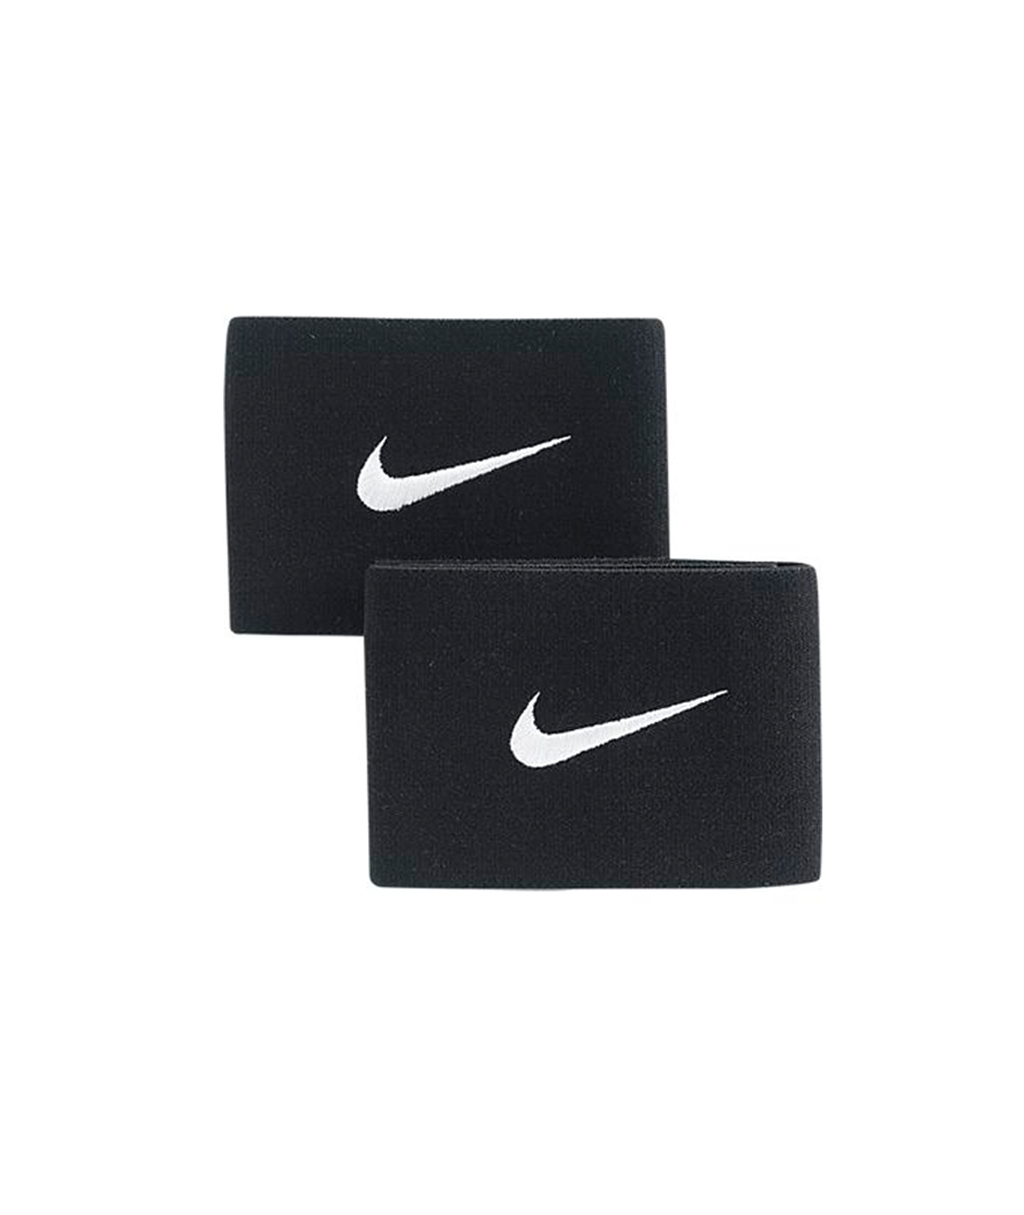 Резинки Nike Guard Stay II держатель футбольных щитков чёрные